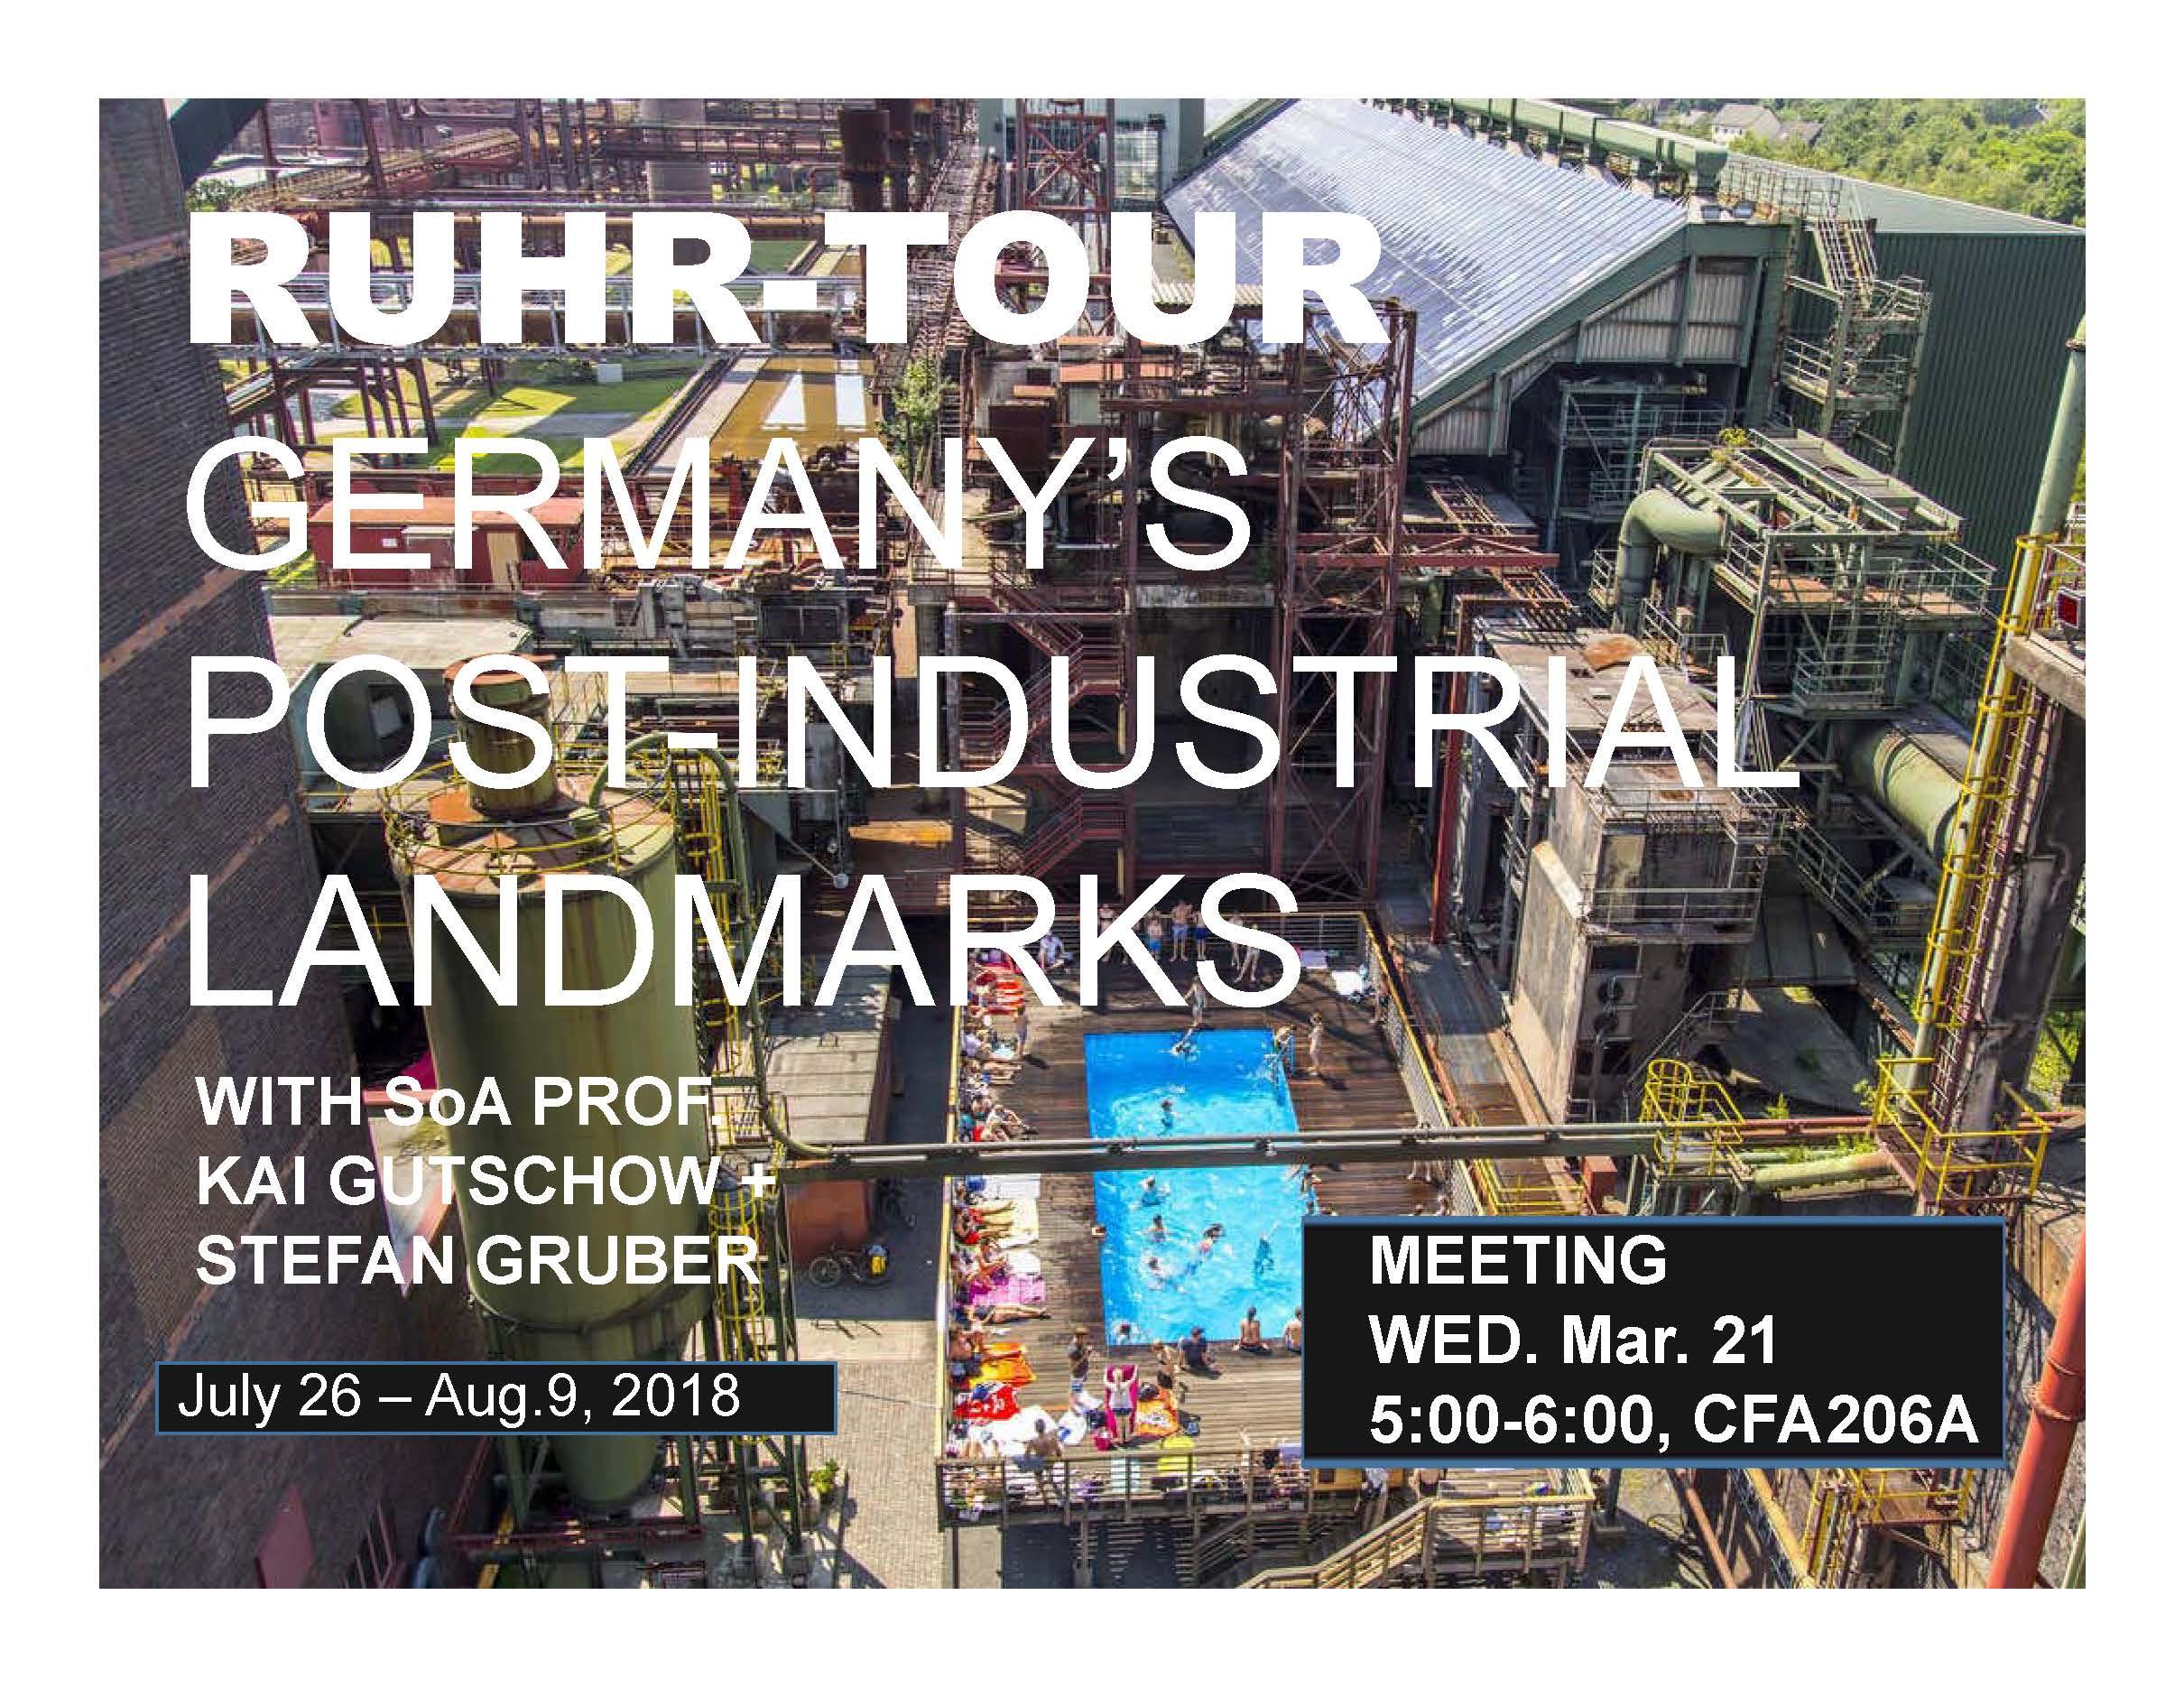 Ruhr Tour Meeting Mar 21 Flyer - Kai Gutschow.jpg